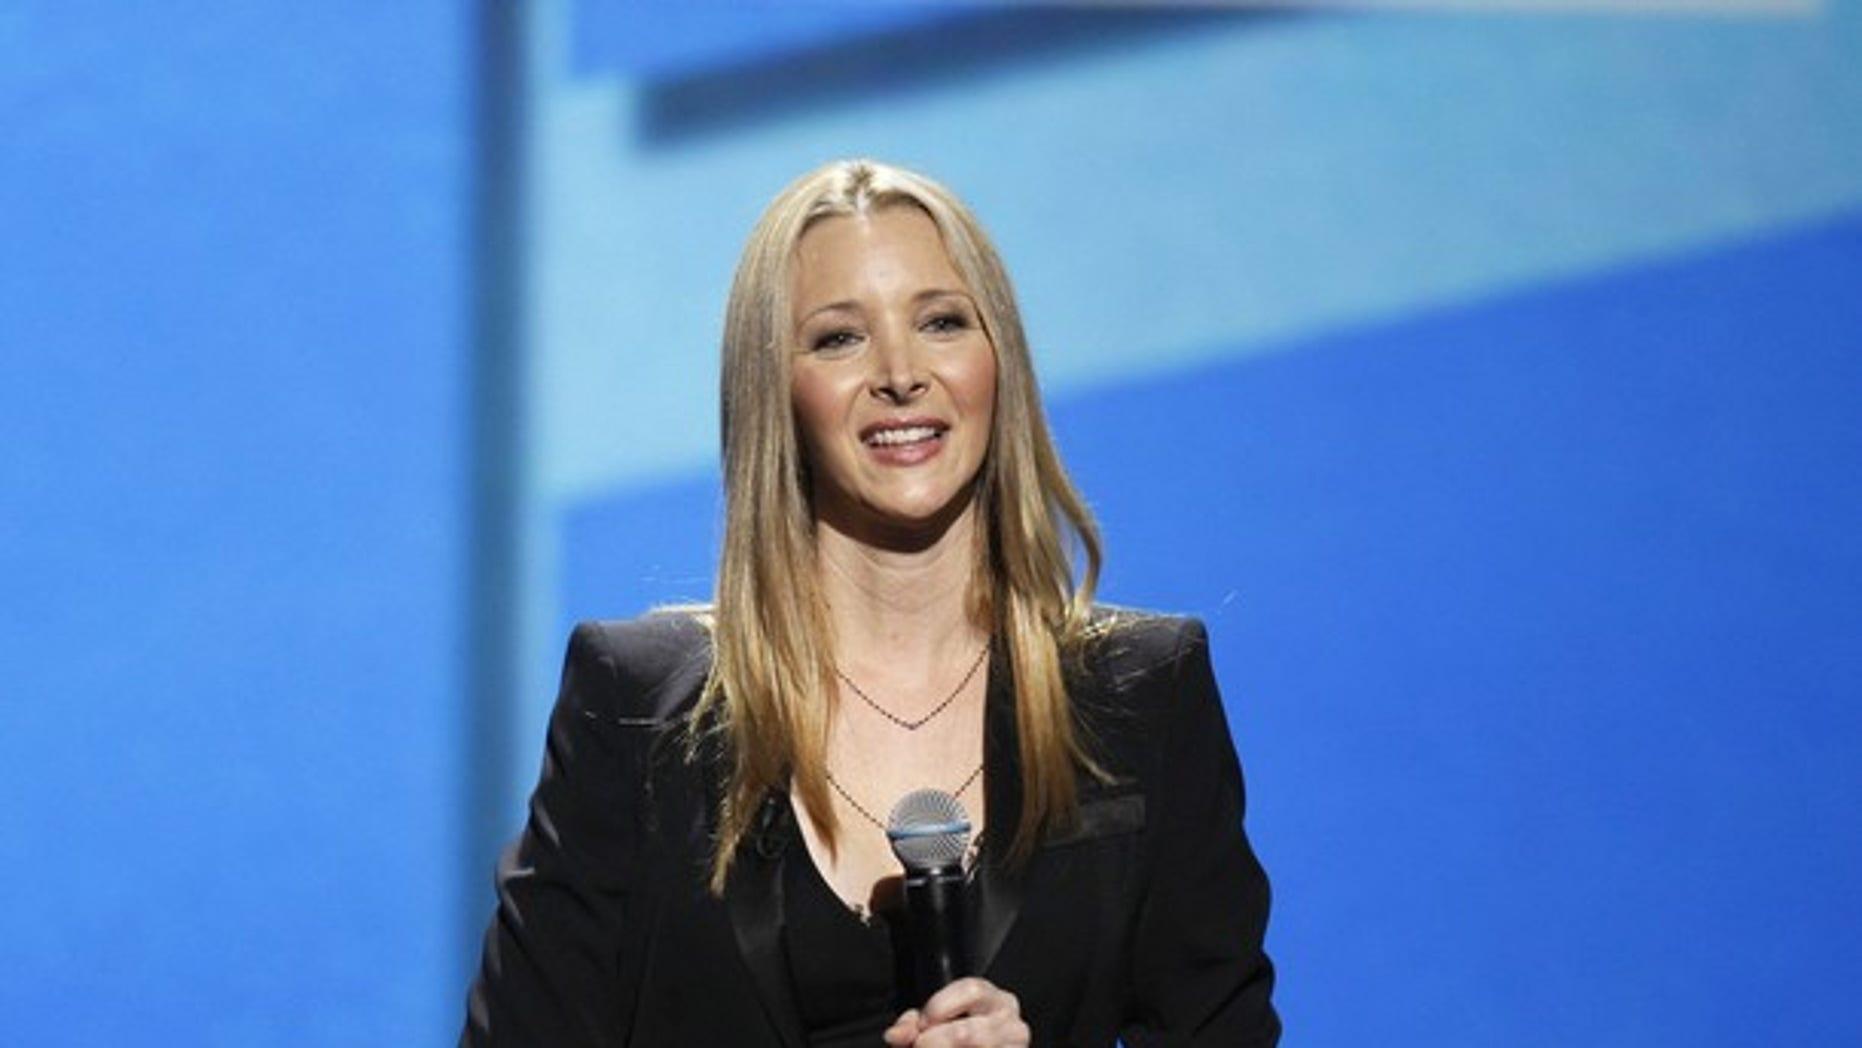 June 13: Lisa Kudrow at the Webby Awards. (Reuters)